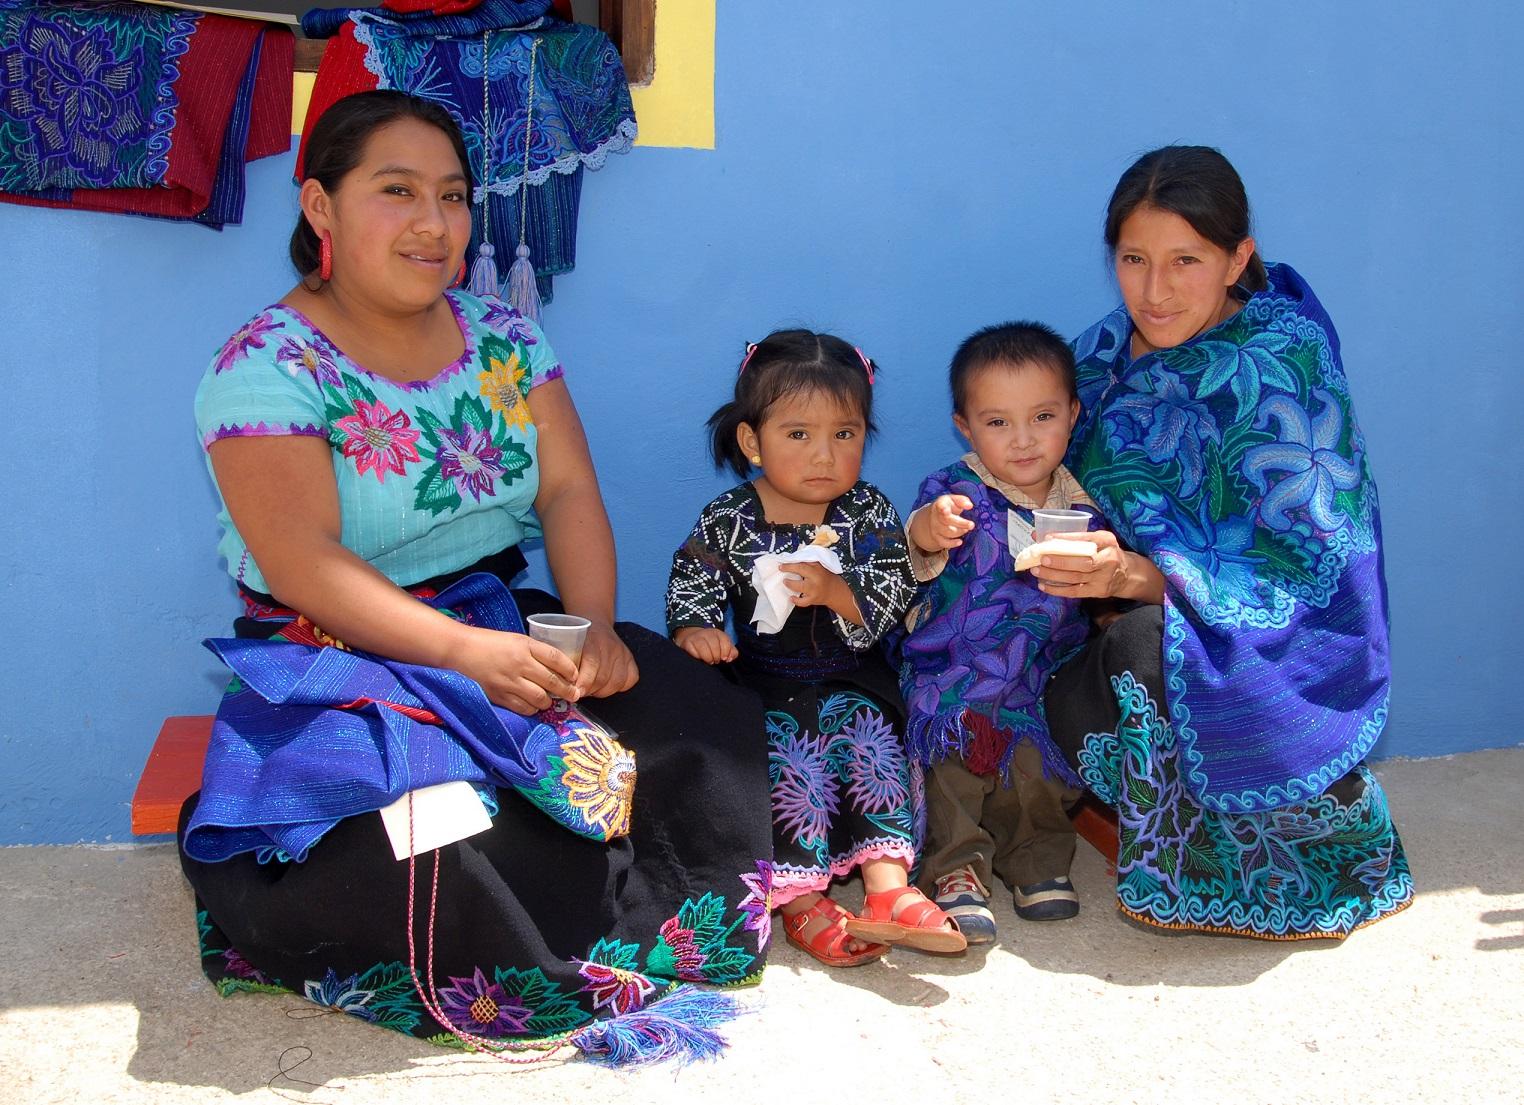 Dos mujeres con dos niños pequeños, todos con traje tradicional mexicano